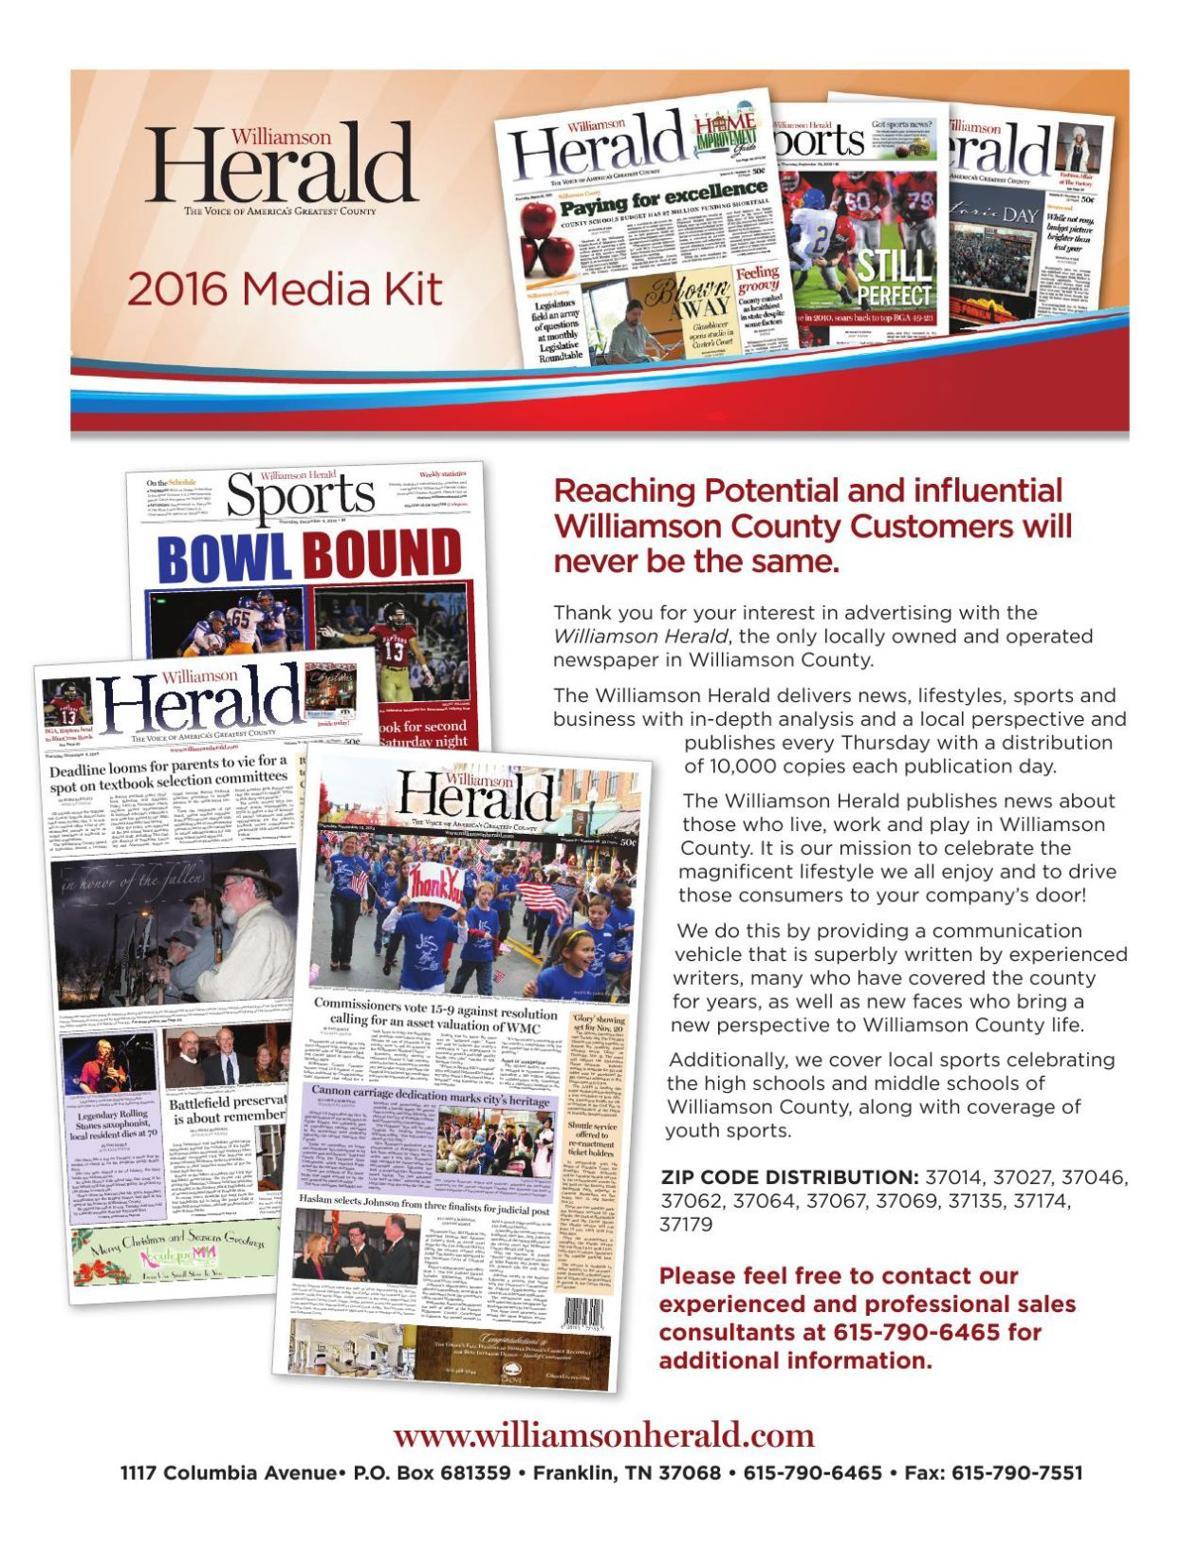 Herald Media Kit 2016